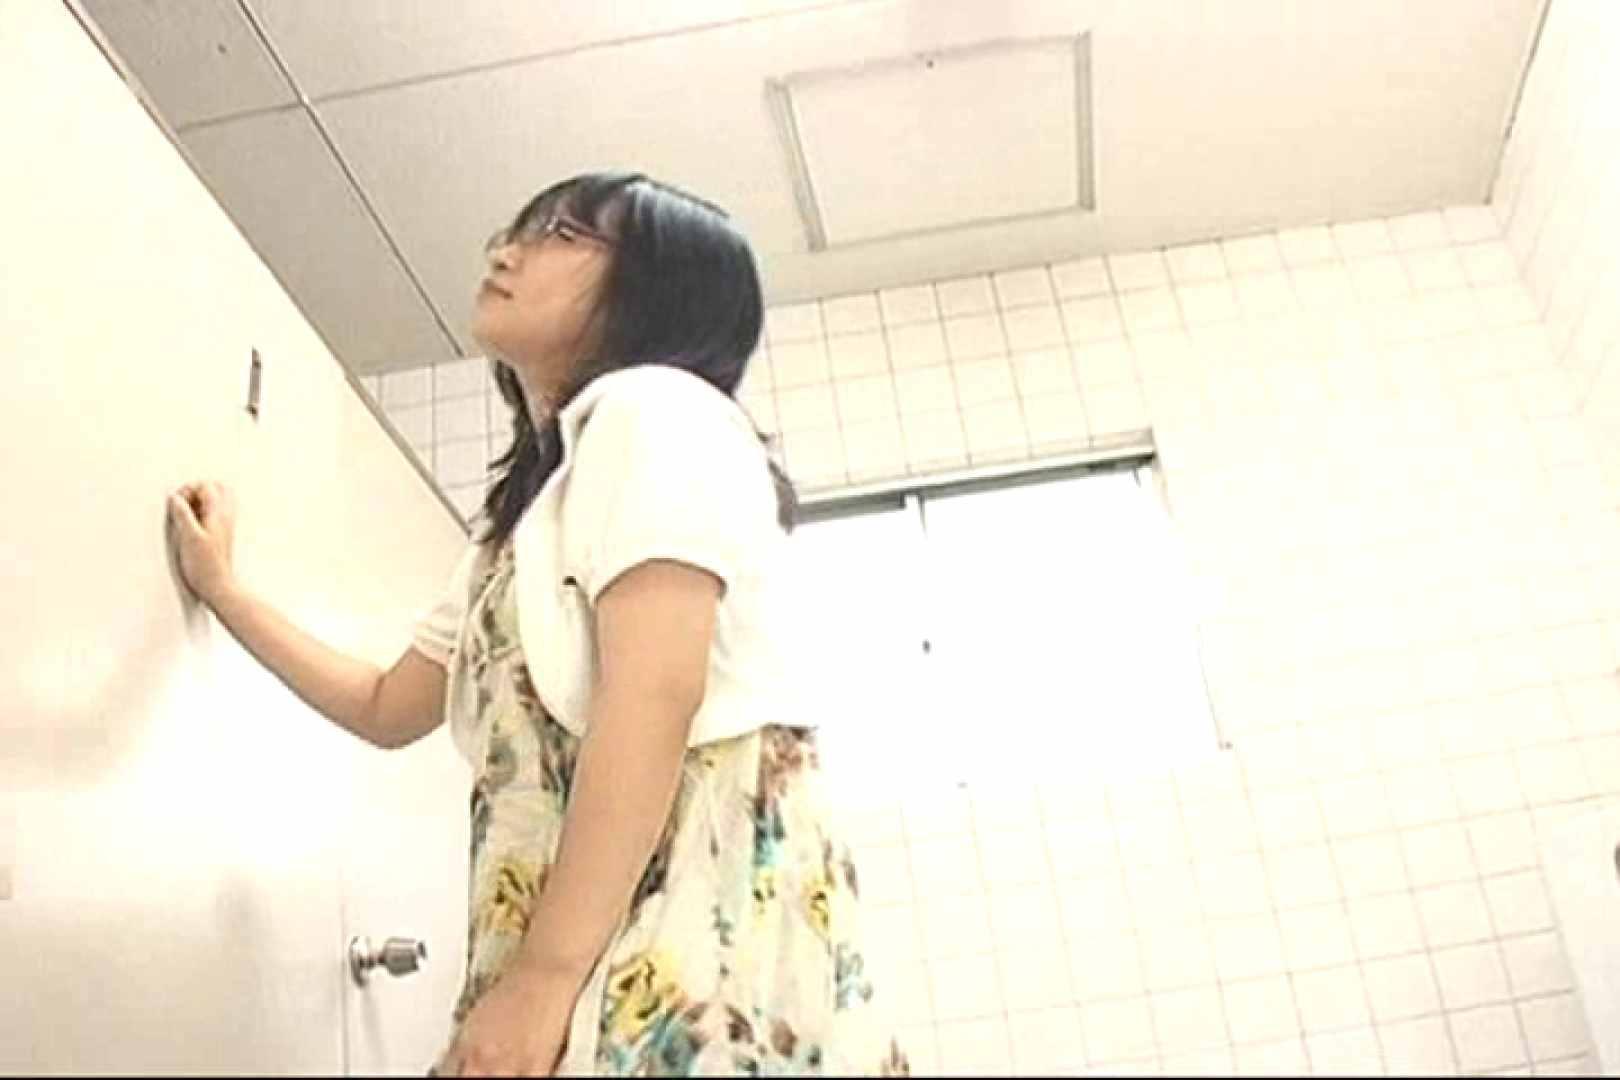 雑居ビル洗面所只今使用禁止中!Vol.4 洗面所はめどり 性交動画流出 82画像 42